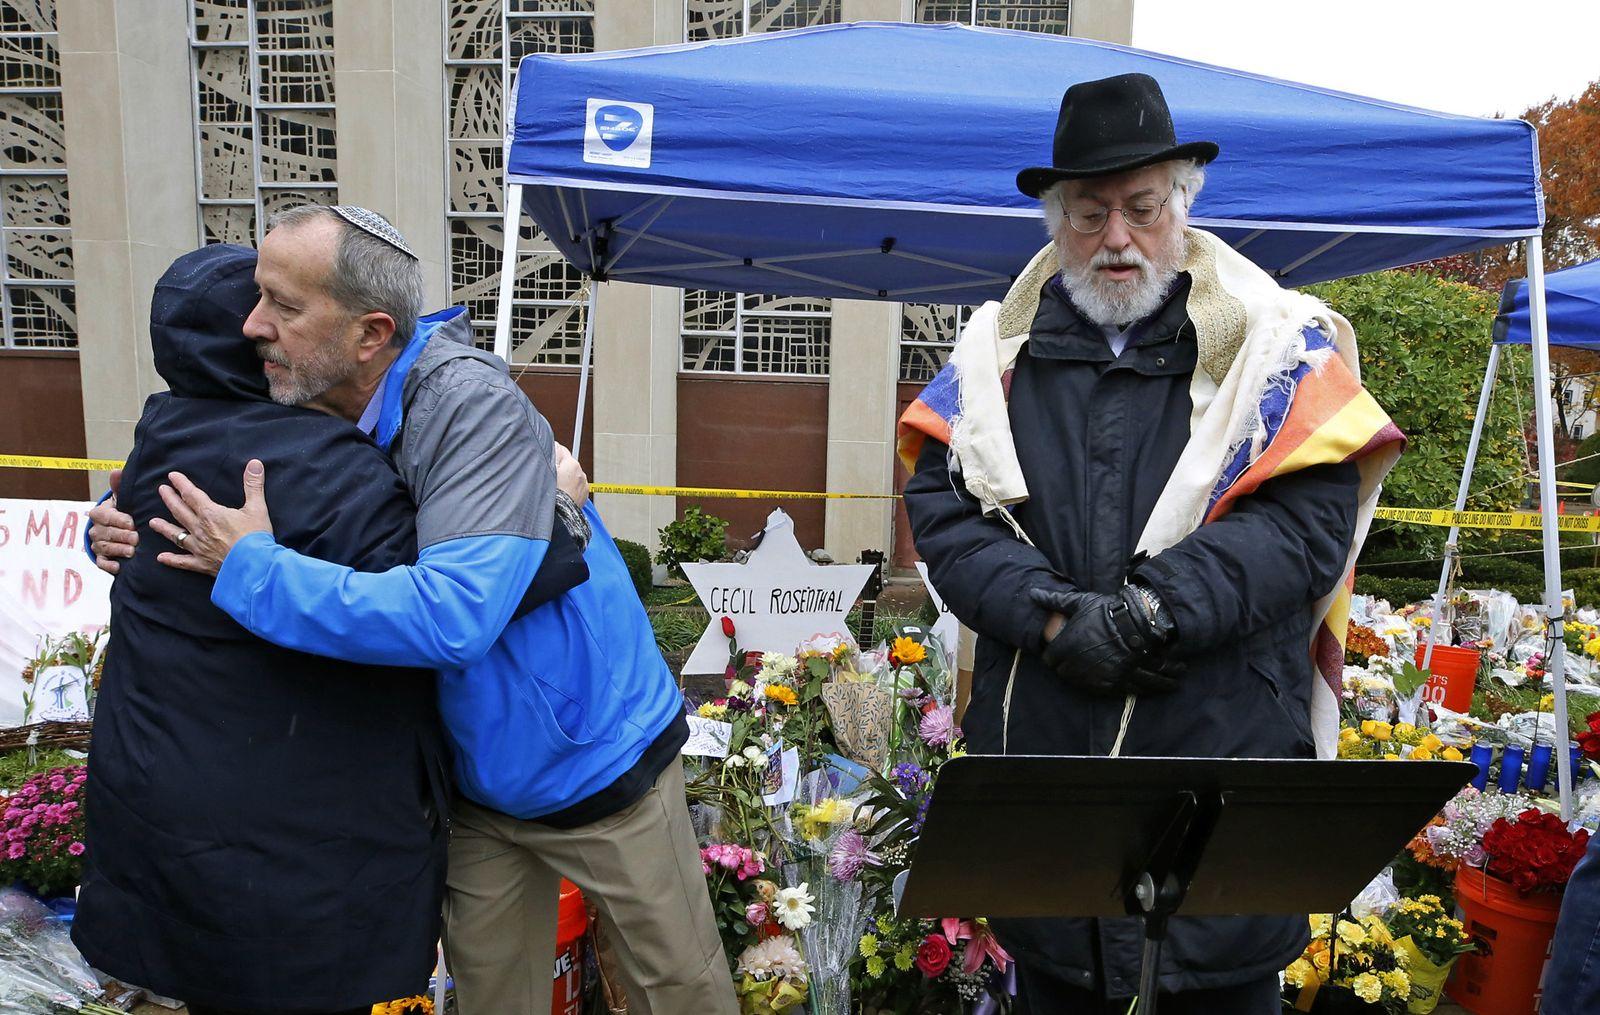 Shooting Synagogue